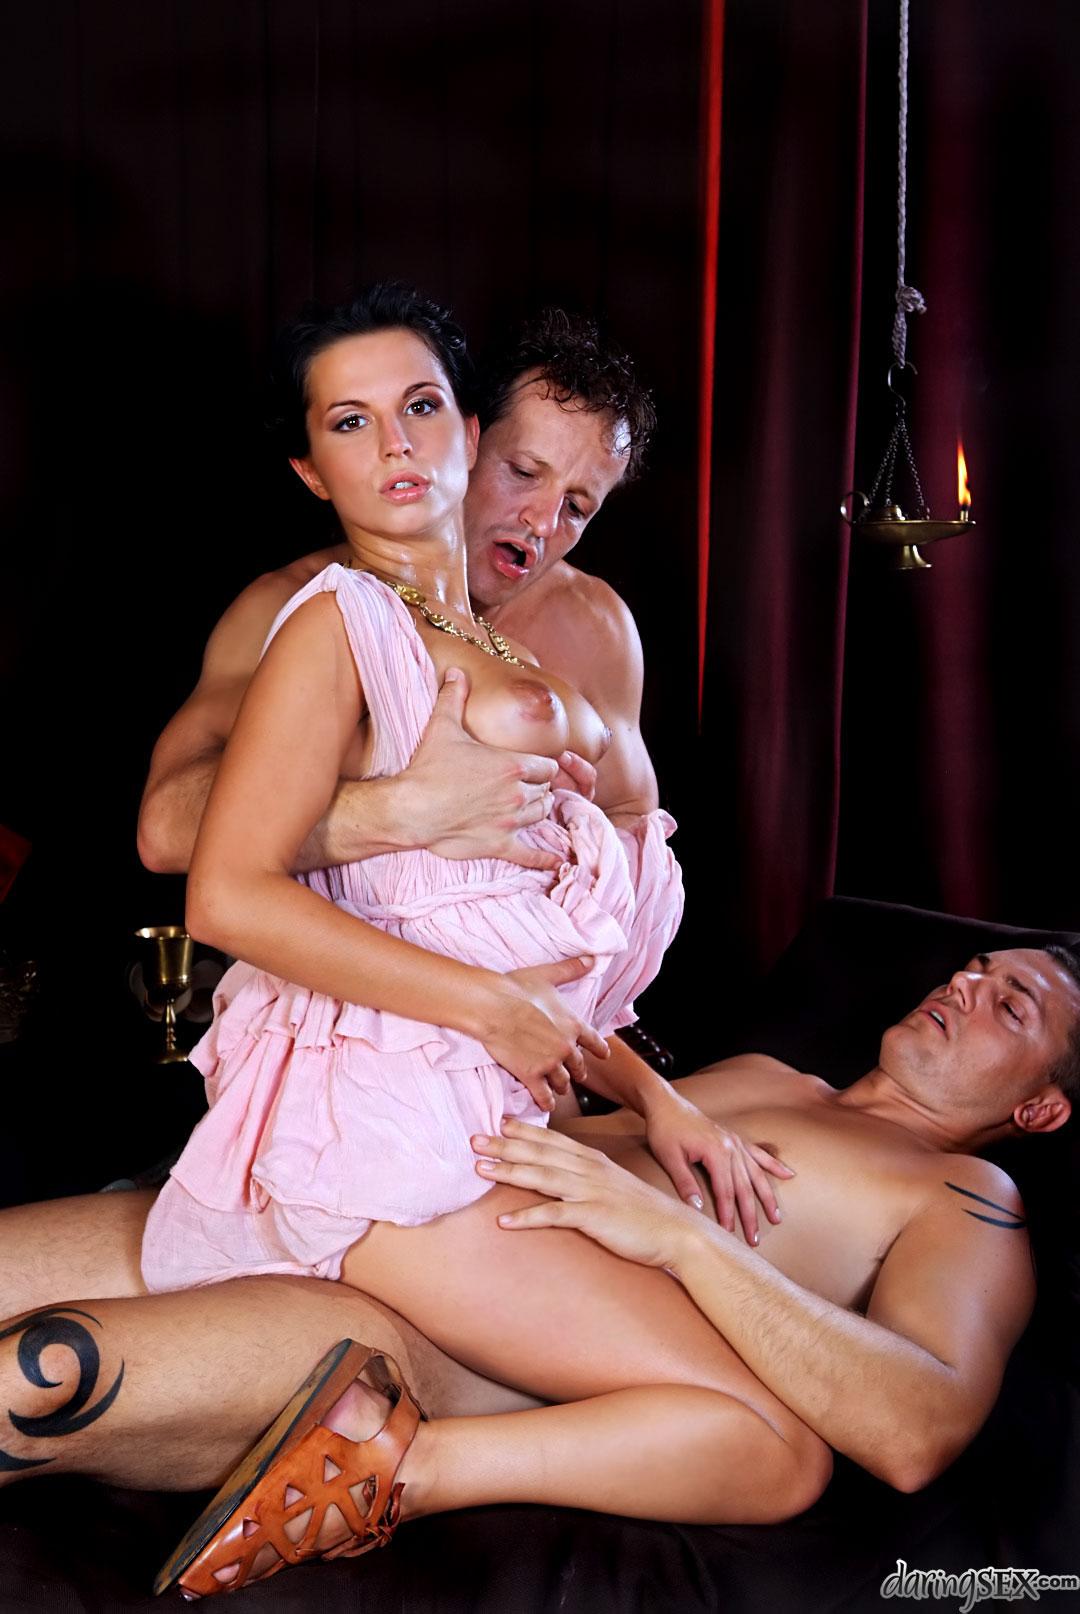 Секс в постановке, сперма на личике фото крупным планом